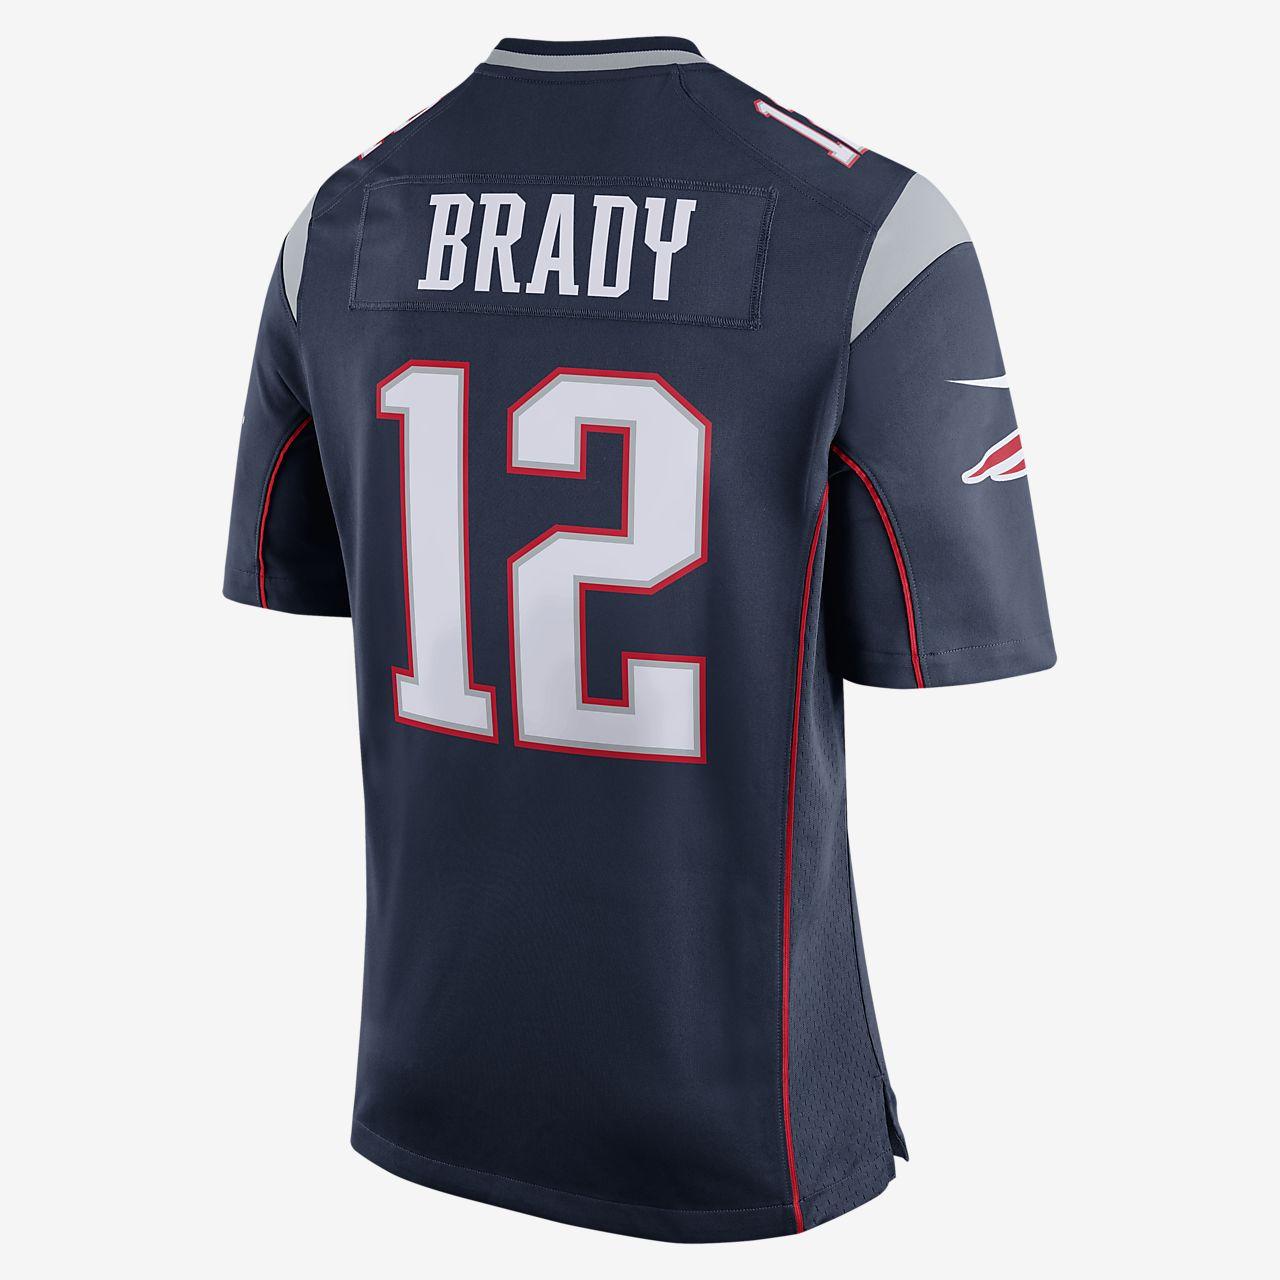 0bc86110df6c ... Jersey de fútbol de local para hombre de los New England Patriots de  NFL (Tom